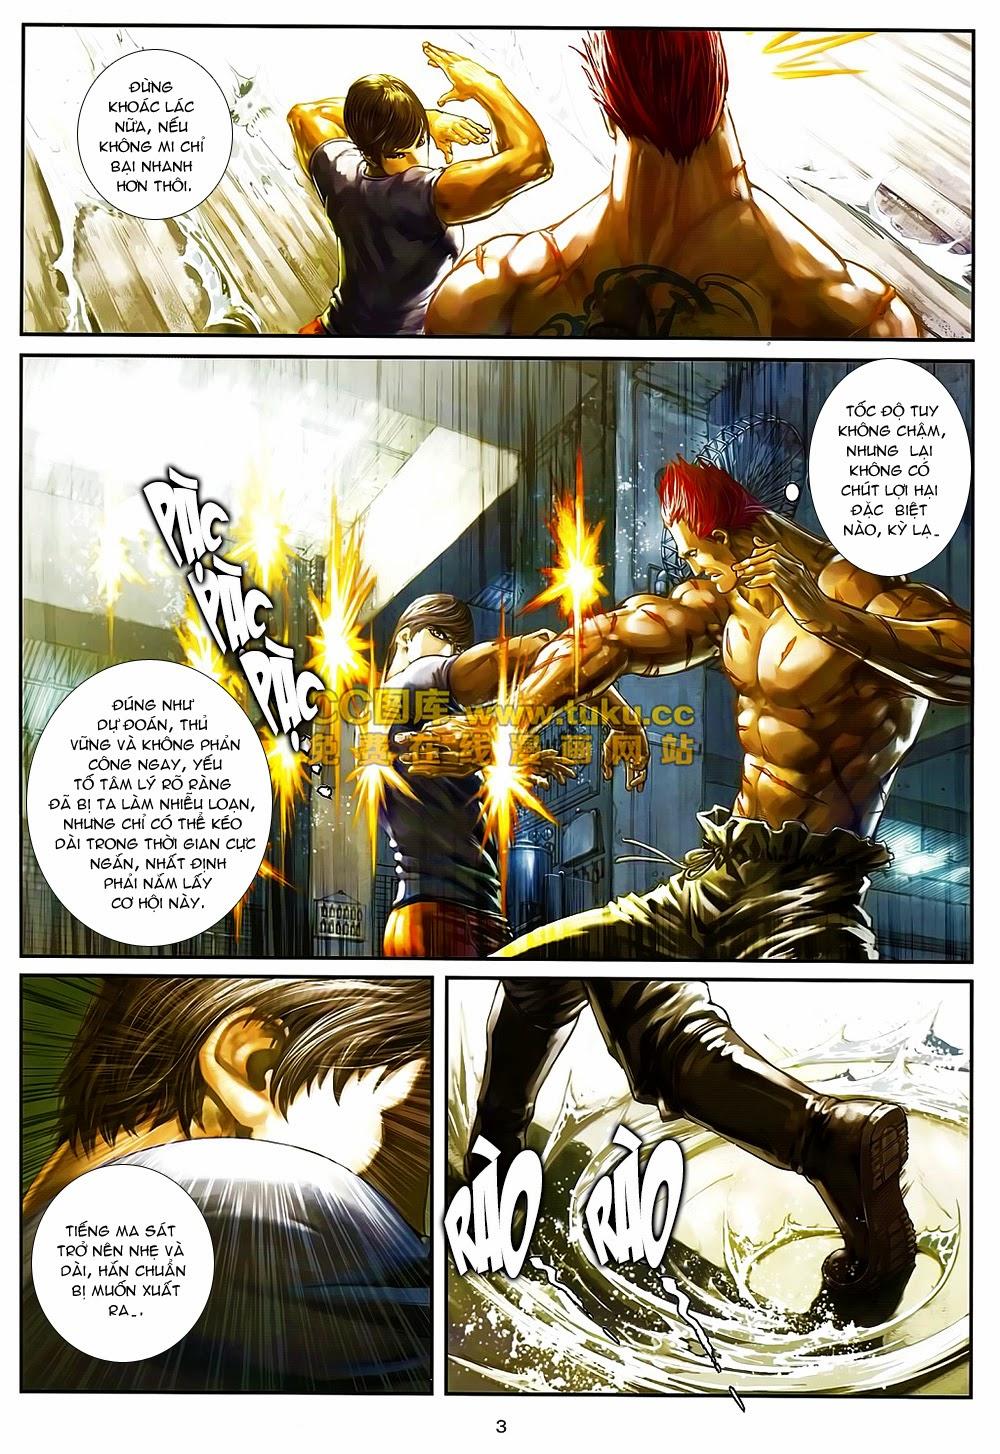 Quyền Đạo chapter 6 trang 3